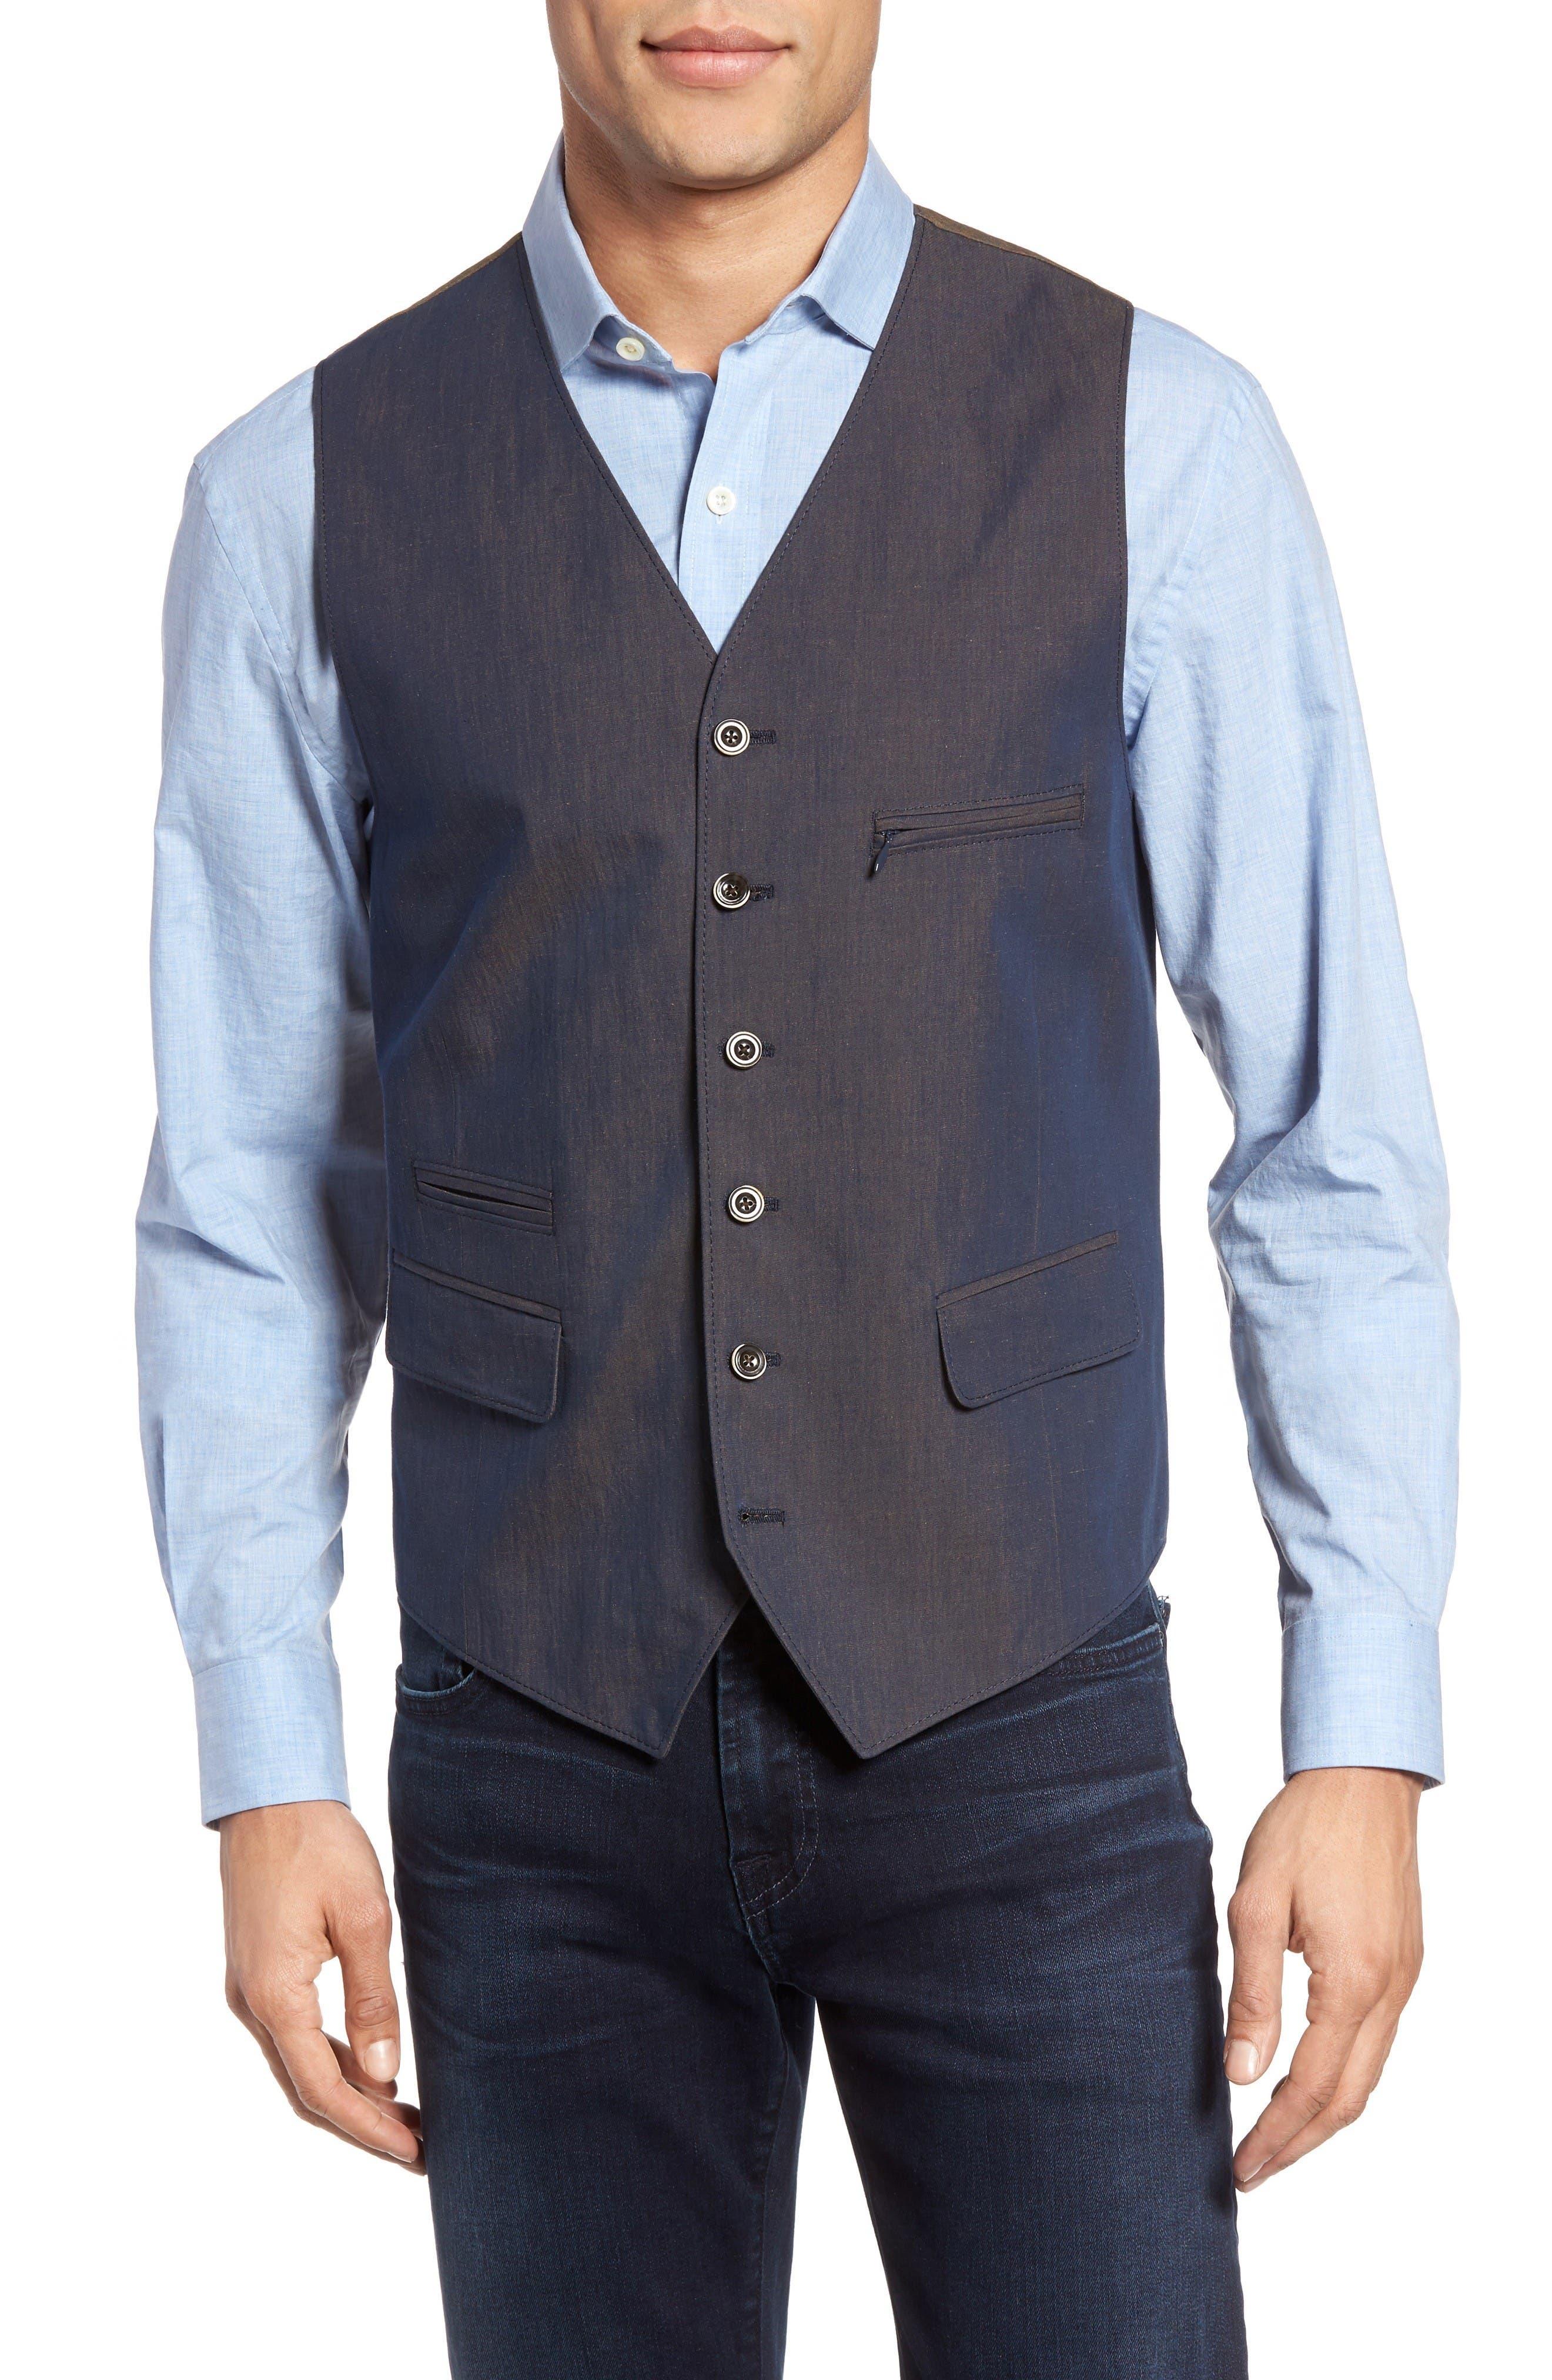 Kroon Hootie Classic Fit Linen & Cotton Vest